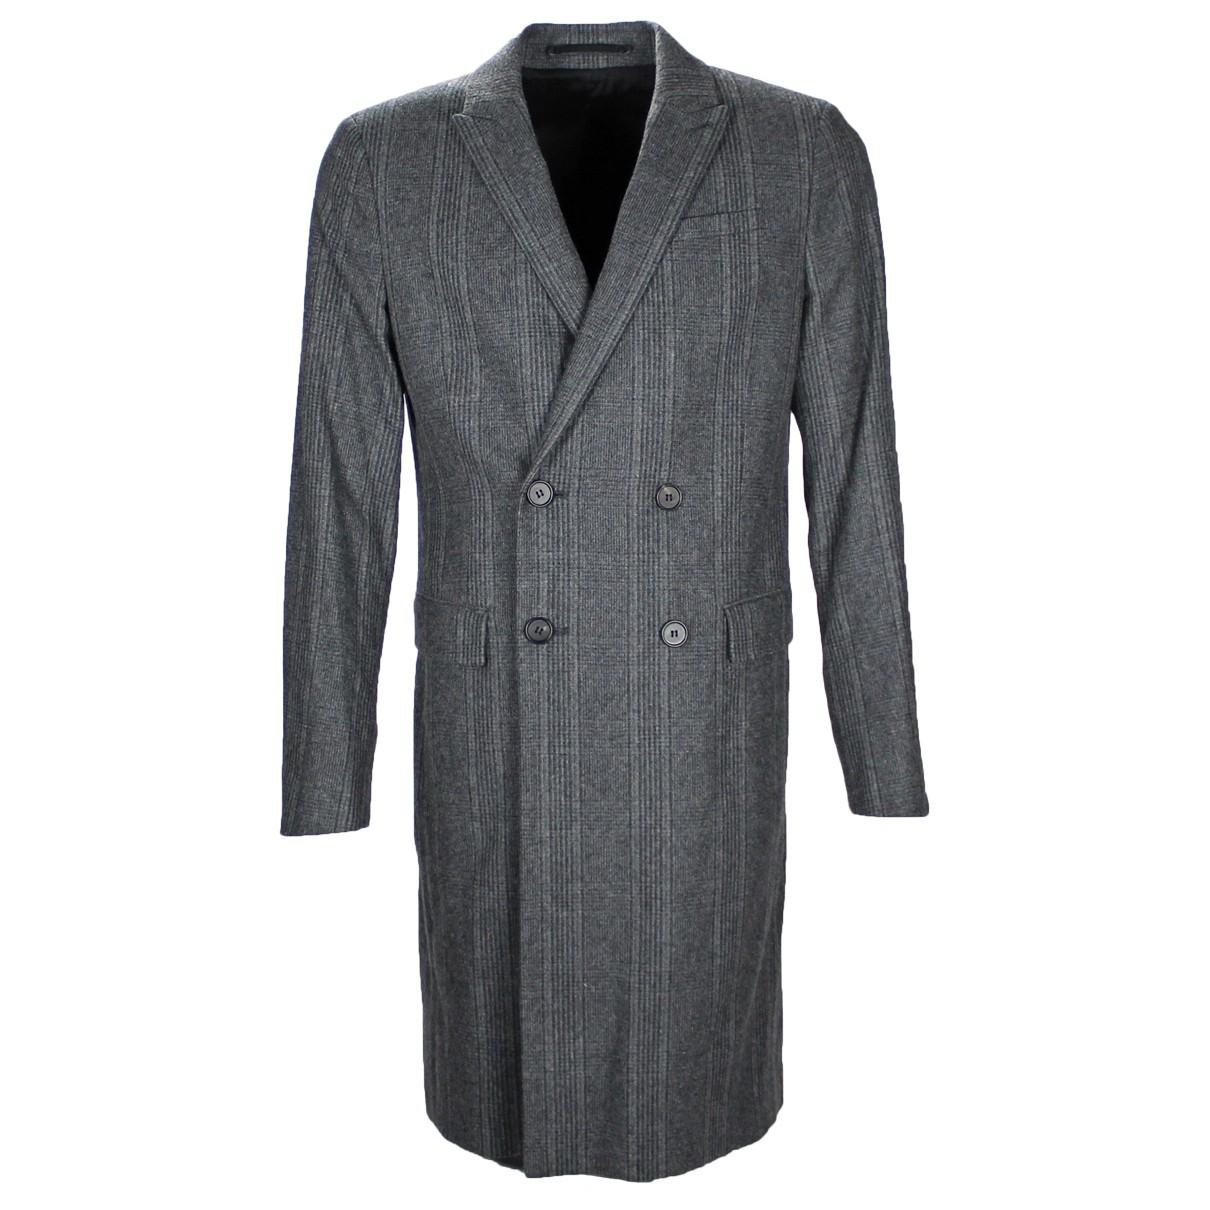 All Saints - Manteau   pour homme en laine - gris